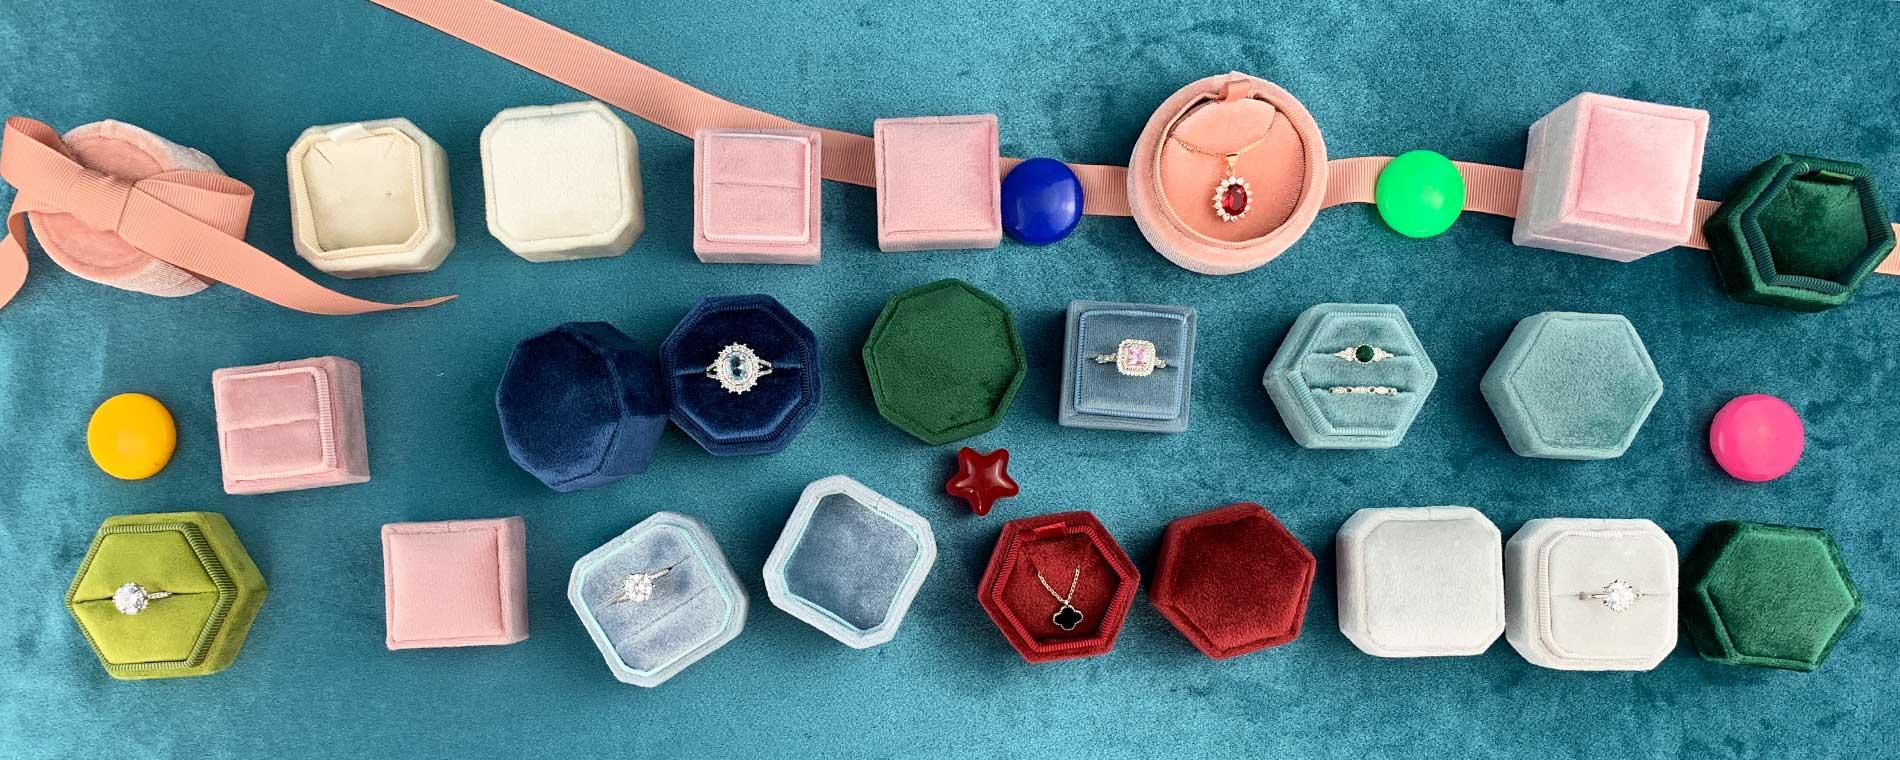 Velvet-Jewelry-Boxes